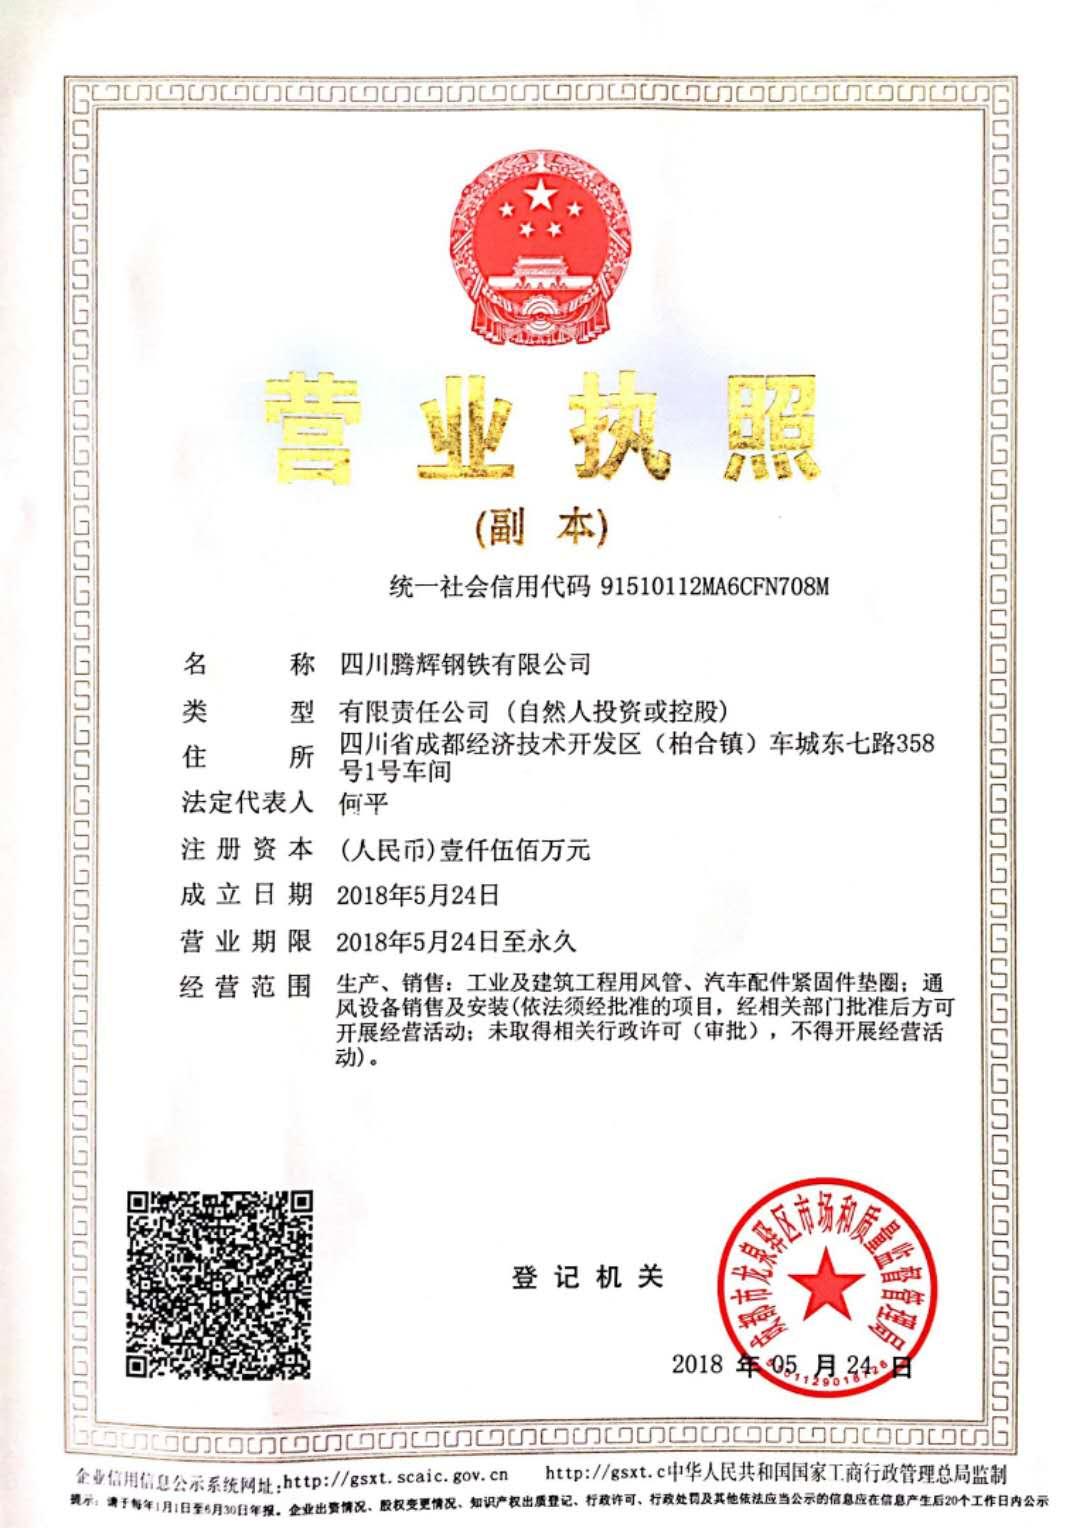 四川腾辉钢铁有限公司营业执照